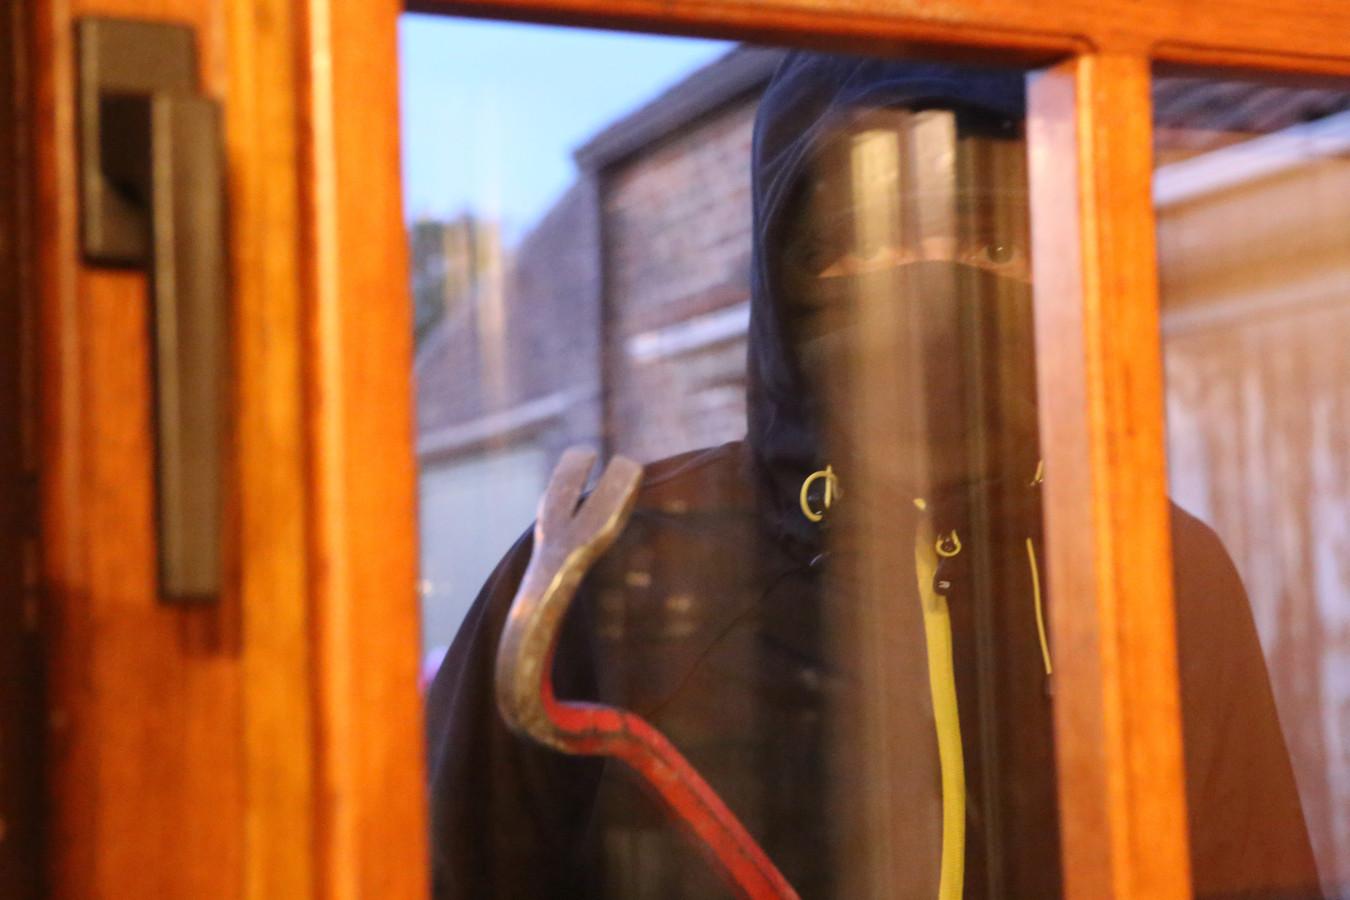 Dieven probeerden braak te plegen op een raam.